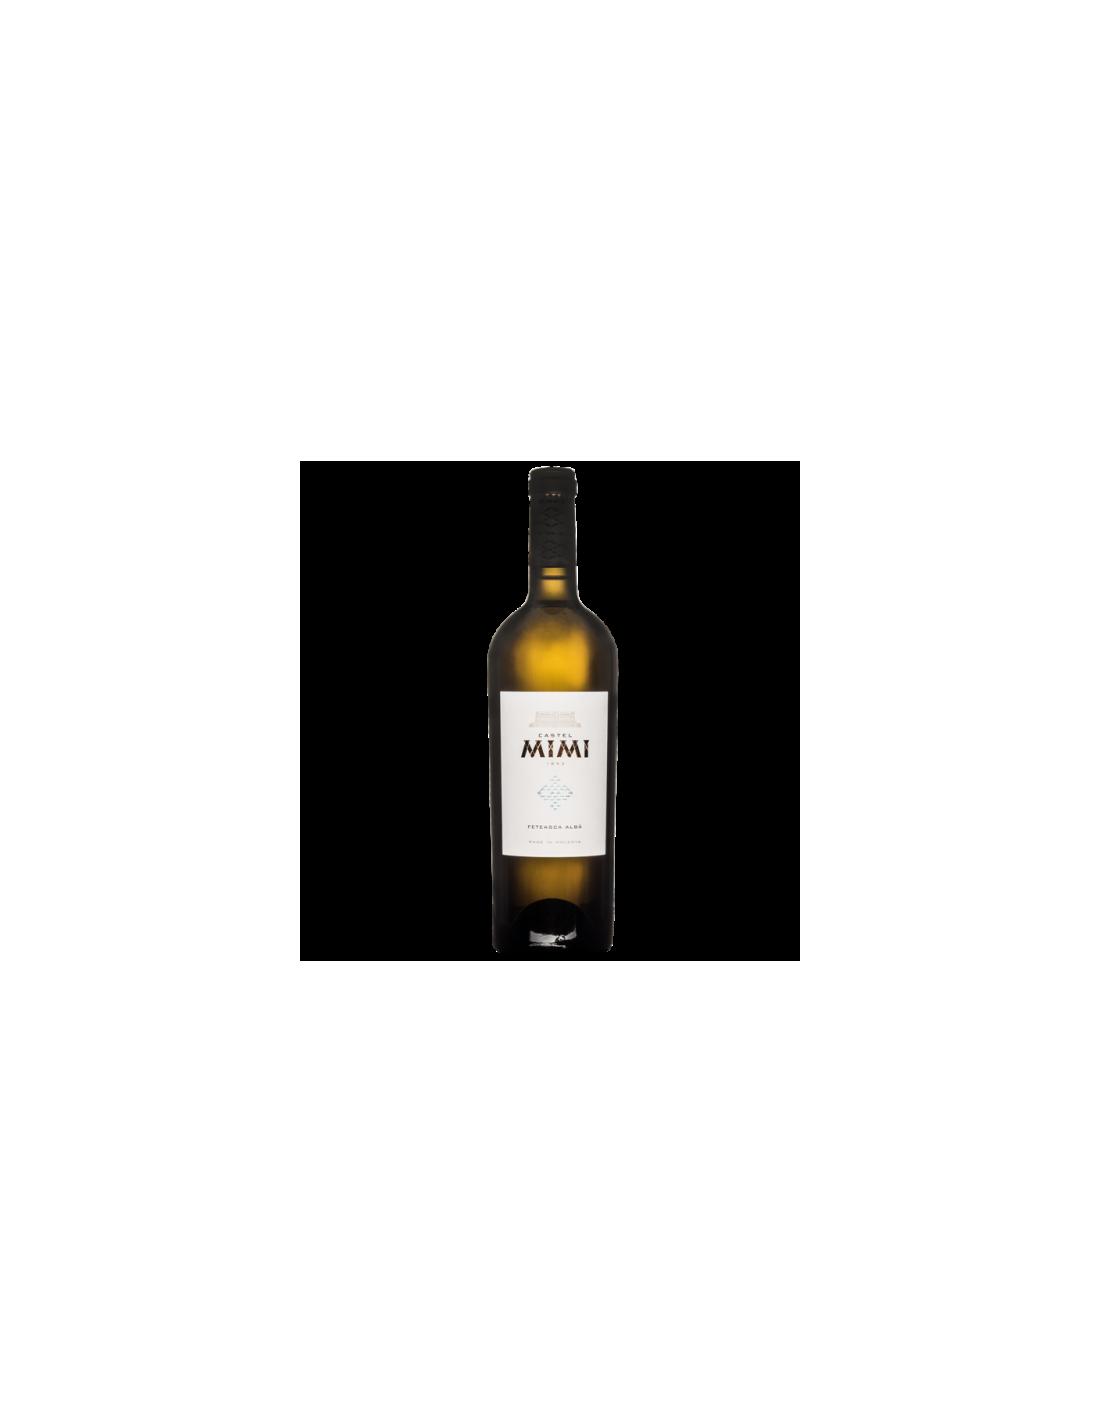 Vin alb sec, Feteasca Alba, Castel Mimi IGP Codru, 0.75L, 13% alc., Republica Moldova